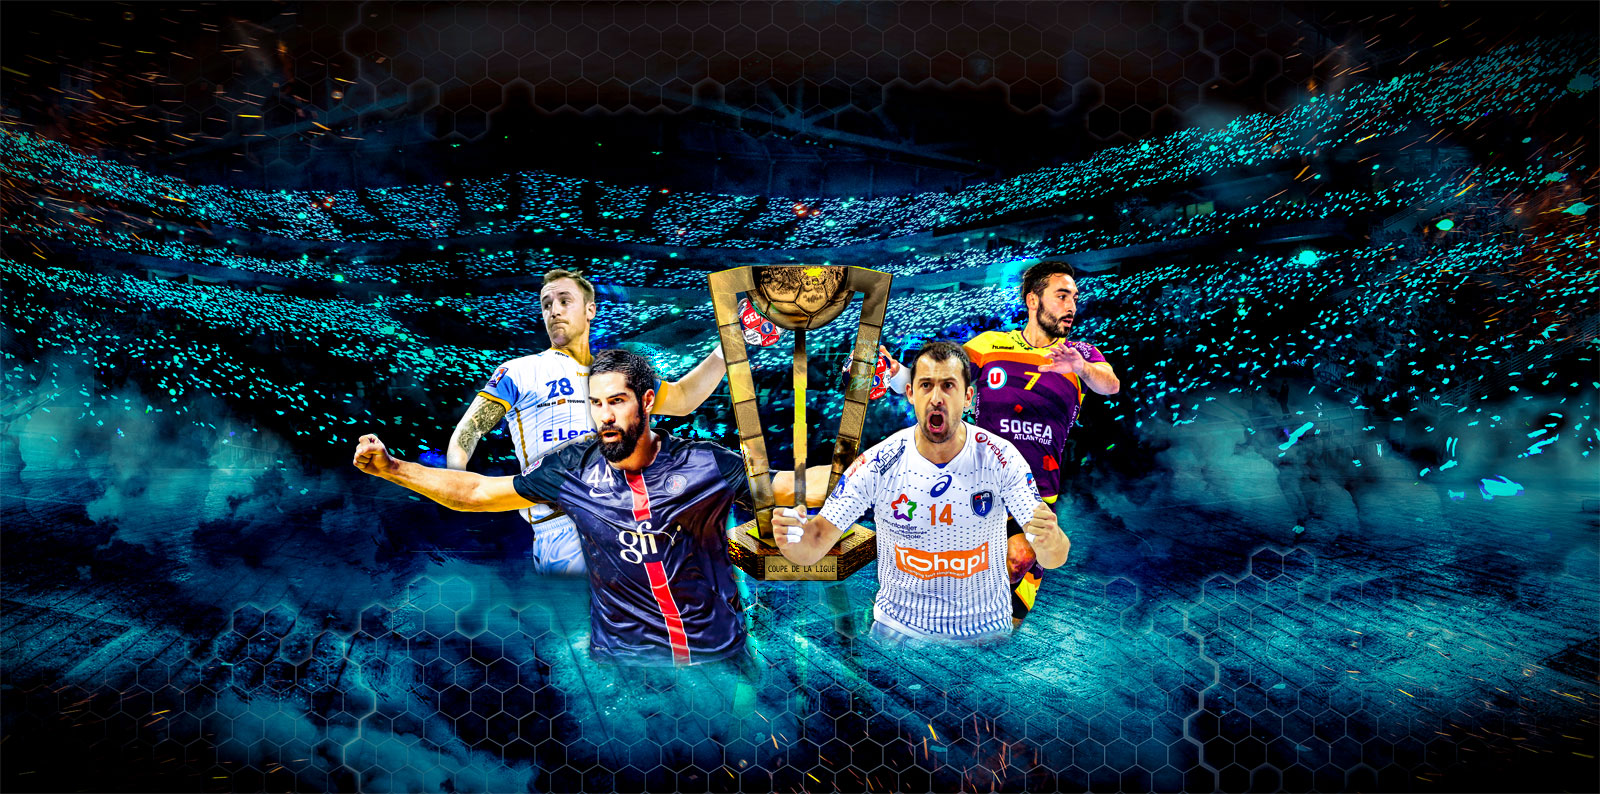 Assistez au final4 de la coupe de la ligue de handball handball - Final de la coupe de la ligue ...